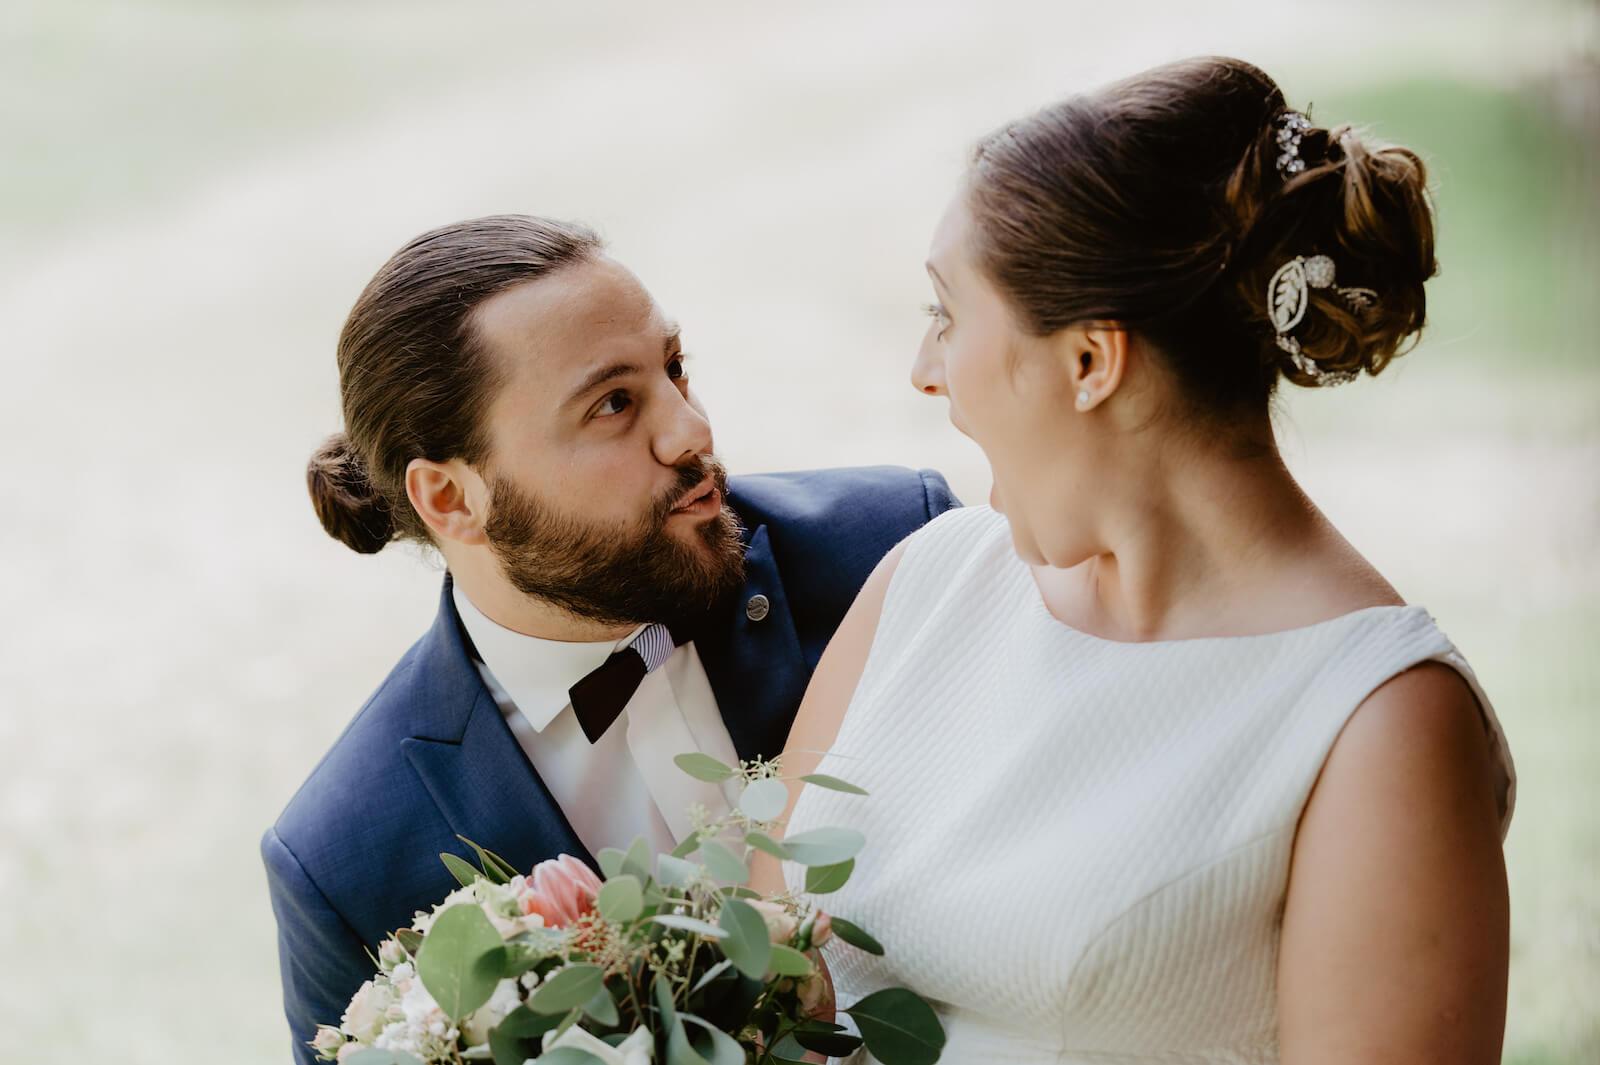 Gartenhochzeit Buchloe - Brautpaar mit viel Witz vor der Kamera